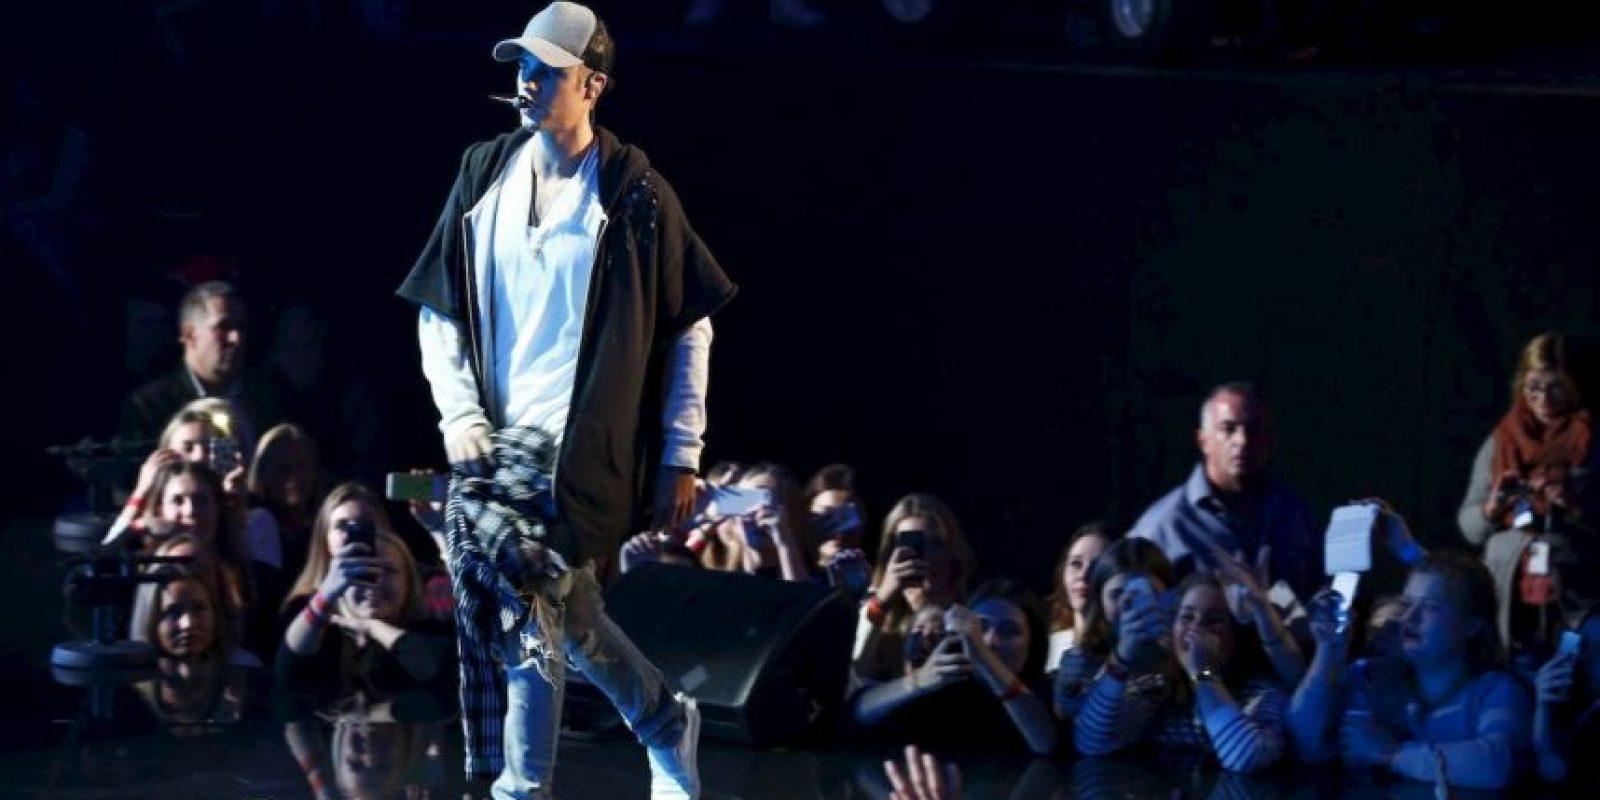 """Espero que la gente sepa de dónde vengo. Siento también haber hecho perder su tiempo a la gente que veía el concierto por la televisión. Me aseguraré de arreglarlo la próxima vez. Con amor, Justin"""". Foto:AFP"""